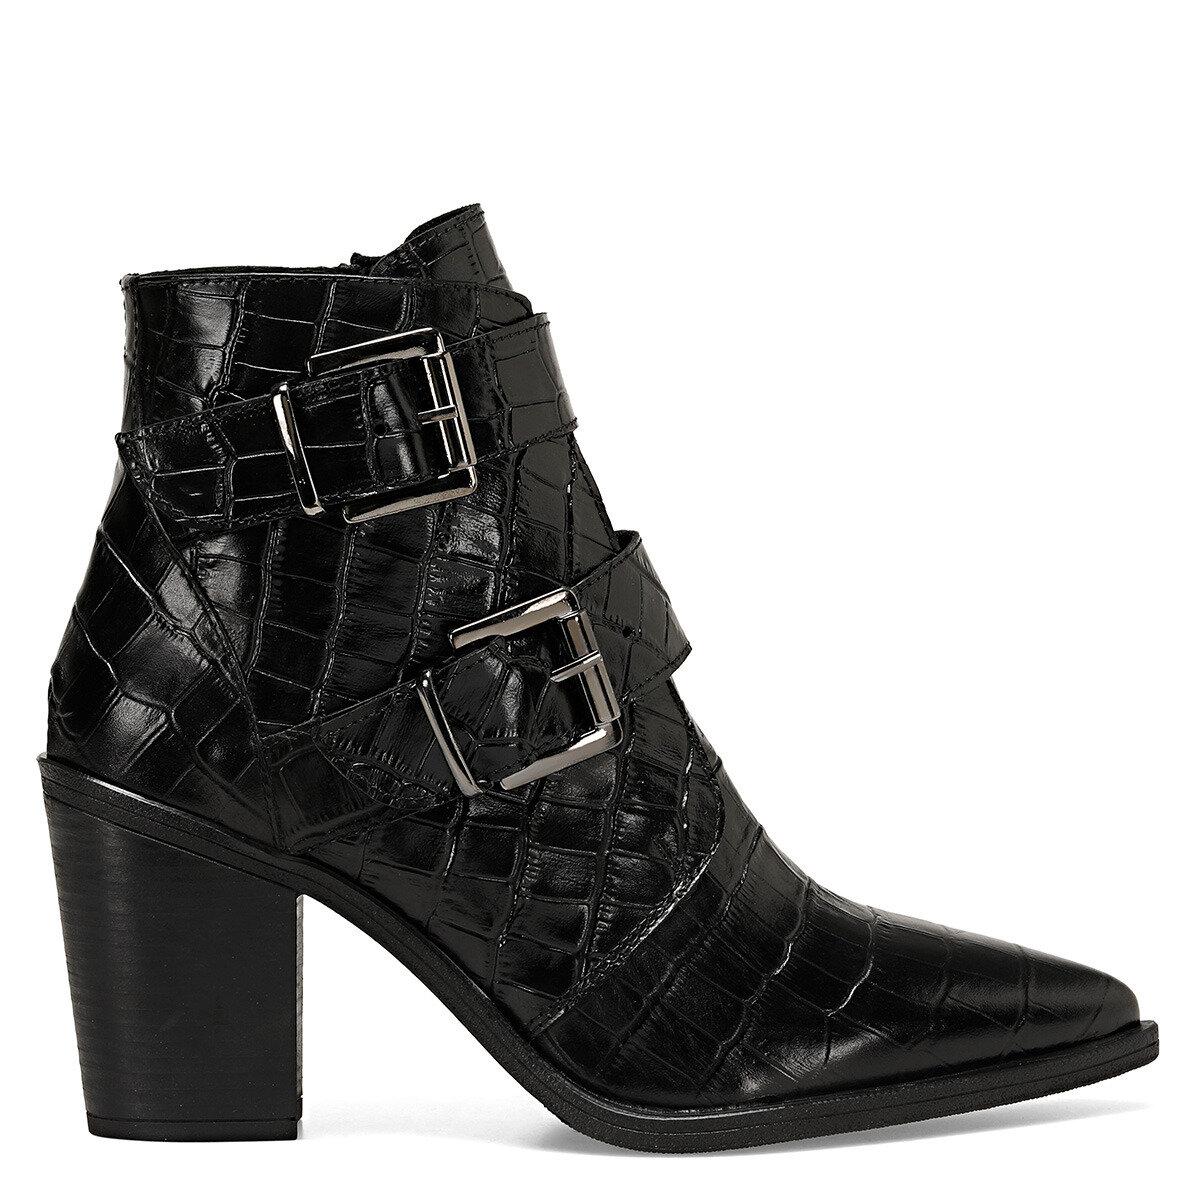 BUCLE Siyah Kadın Topuklu Bot